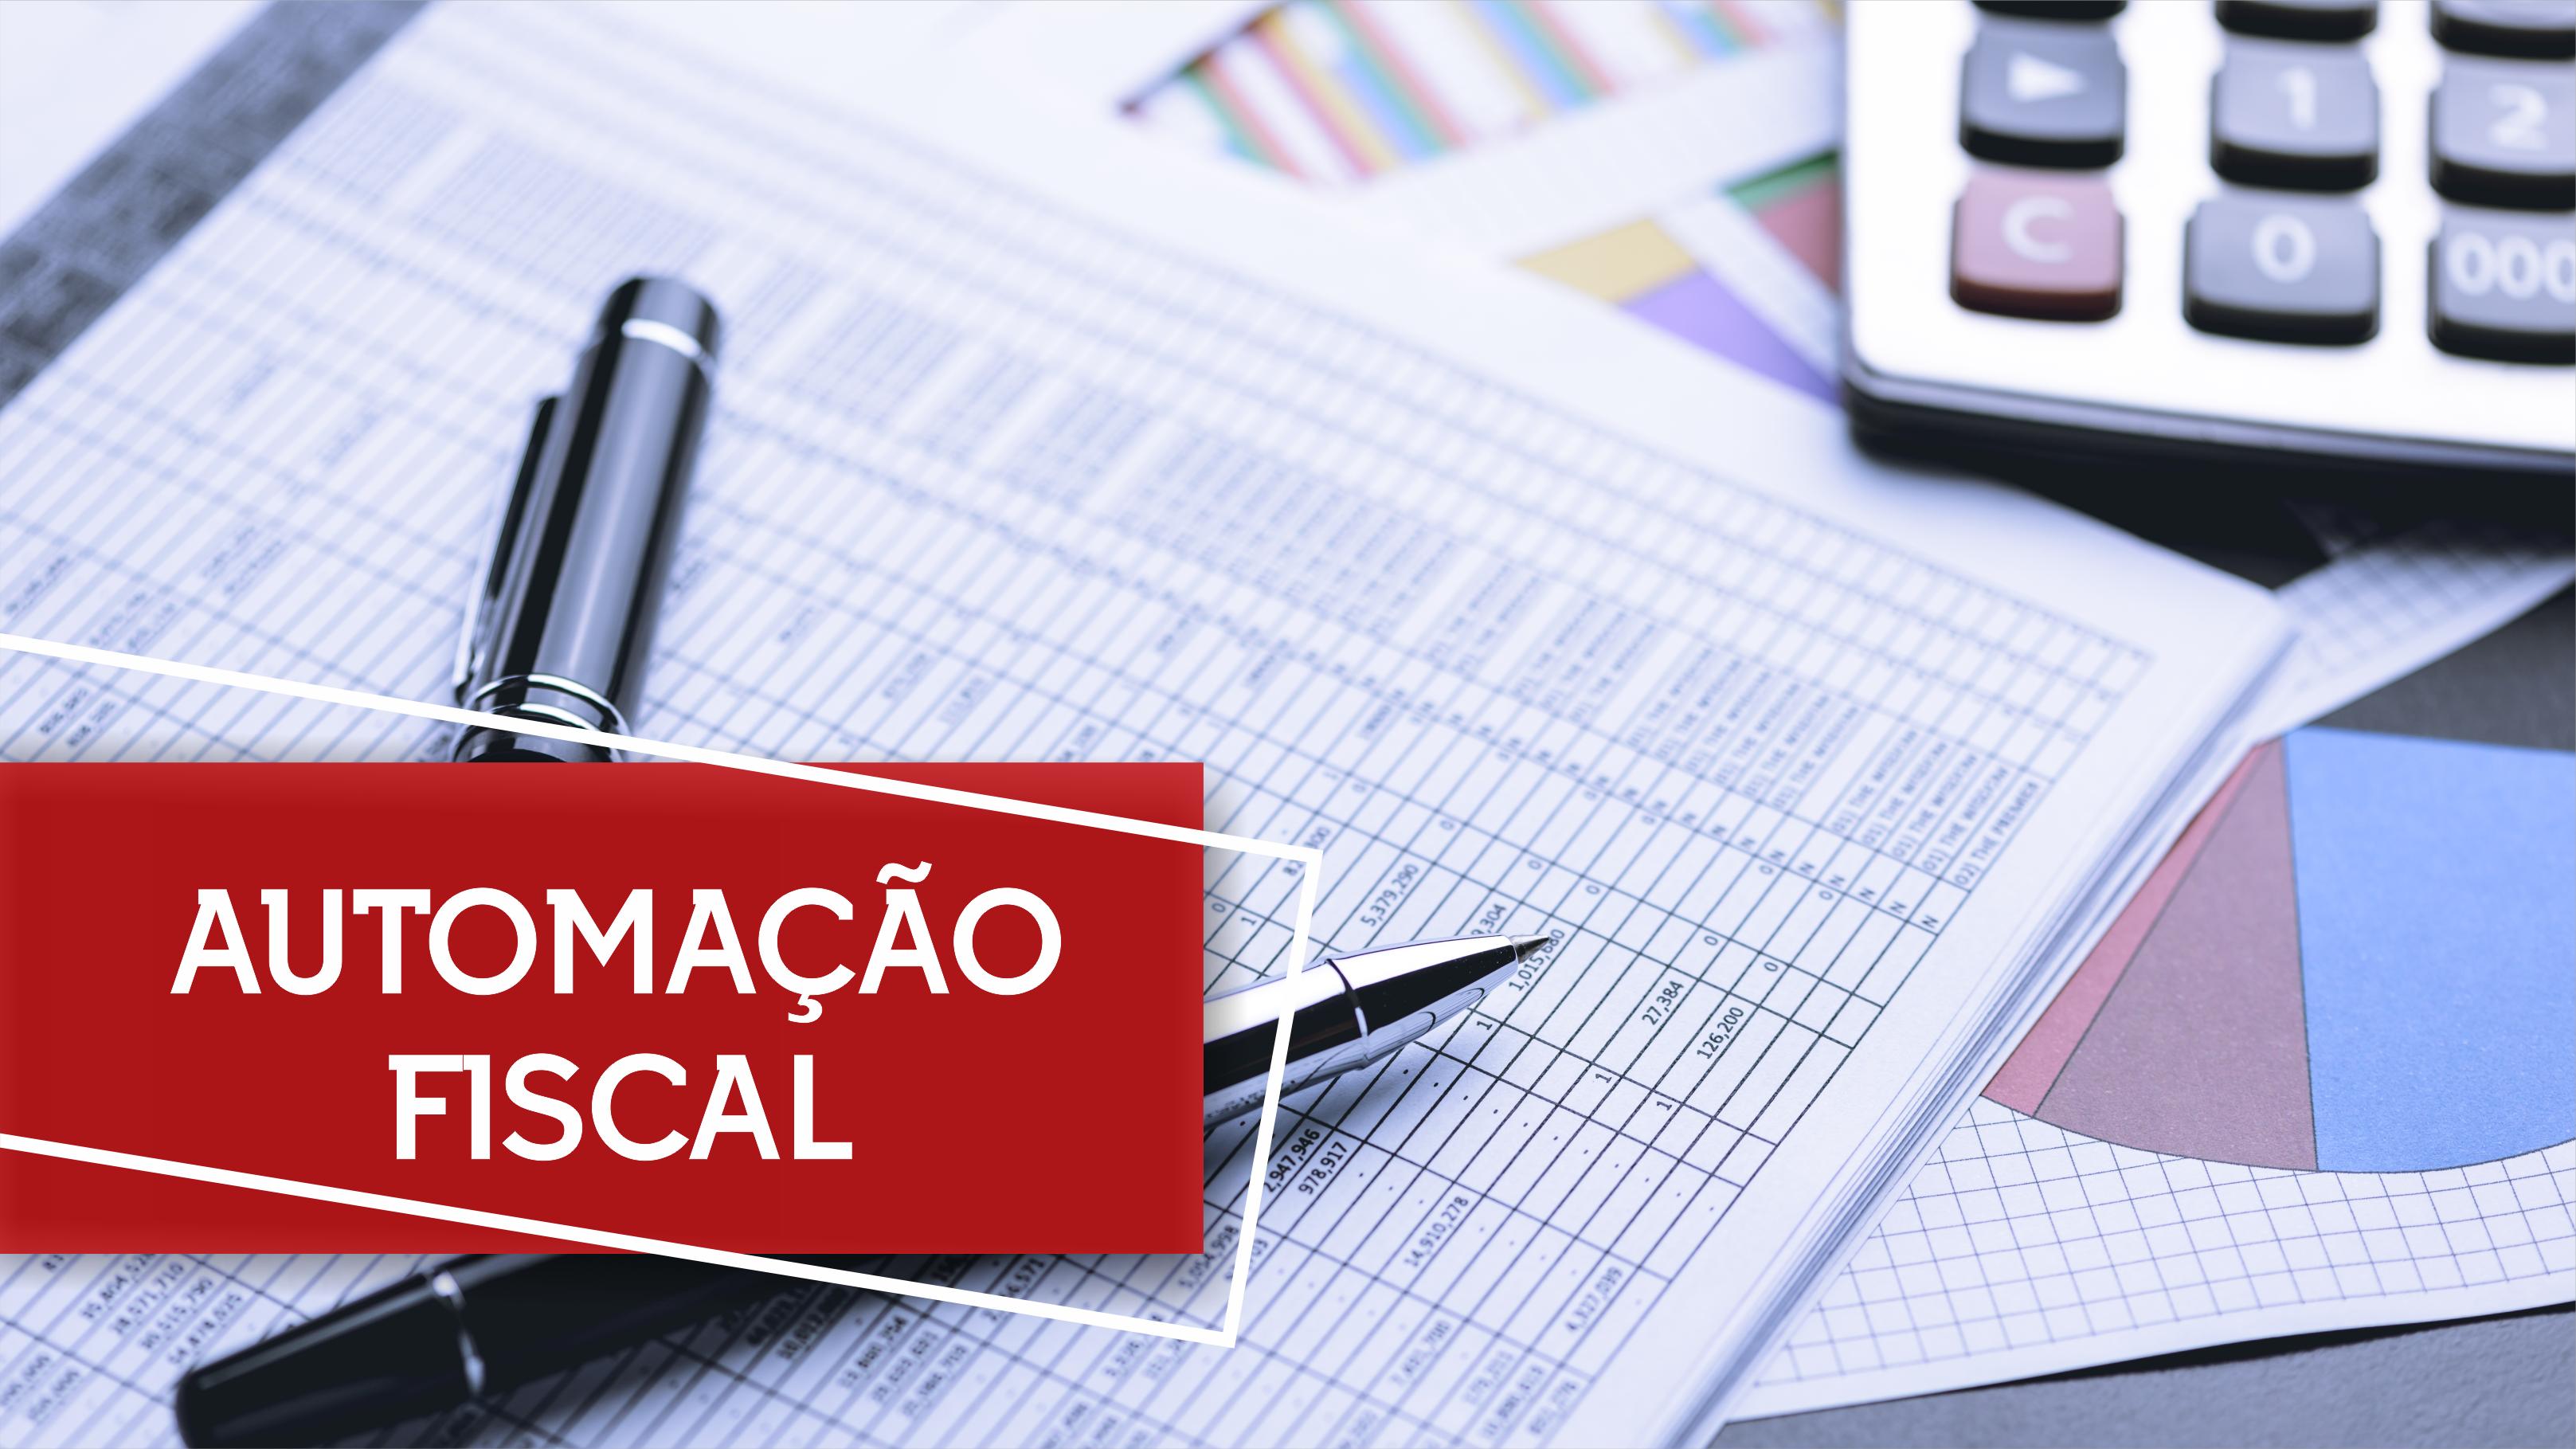 Benefícios da automação fiscal para PMEs